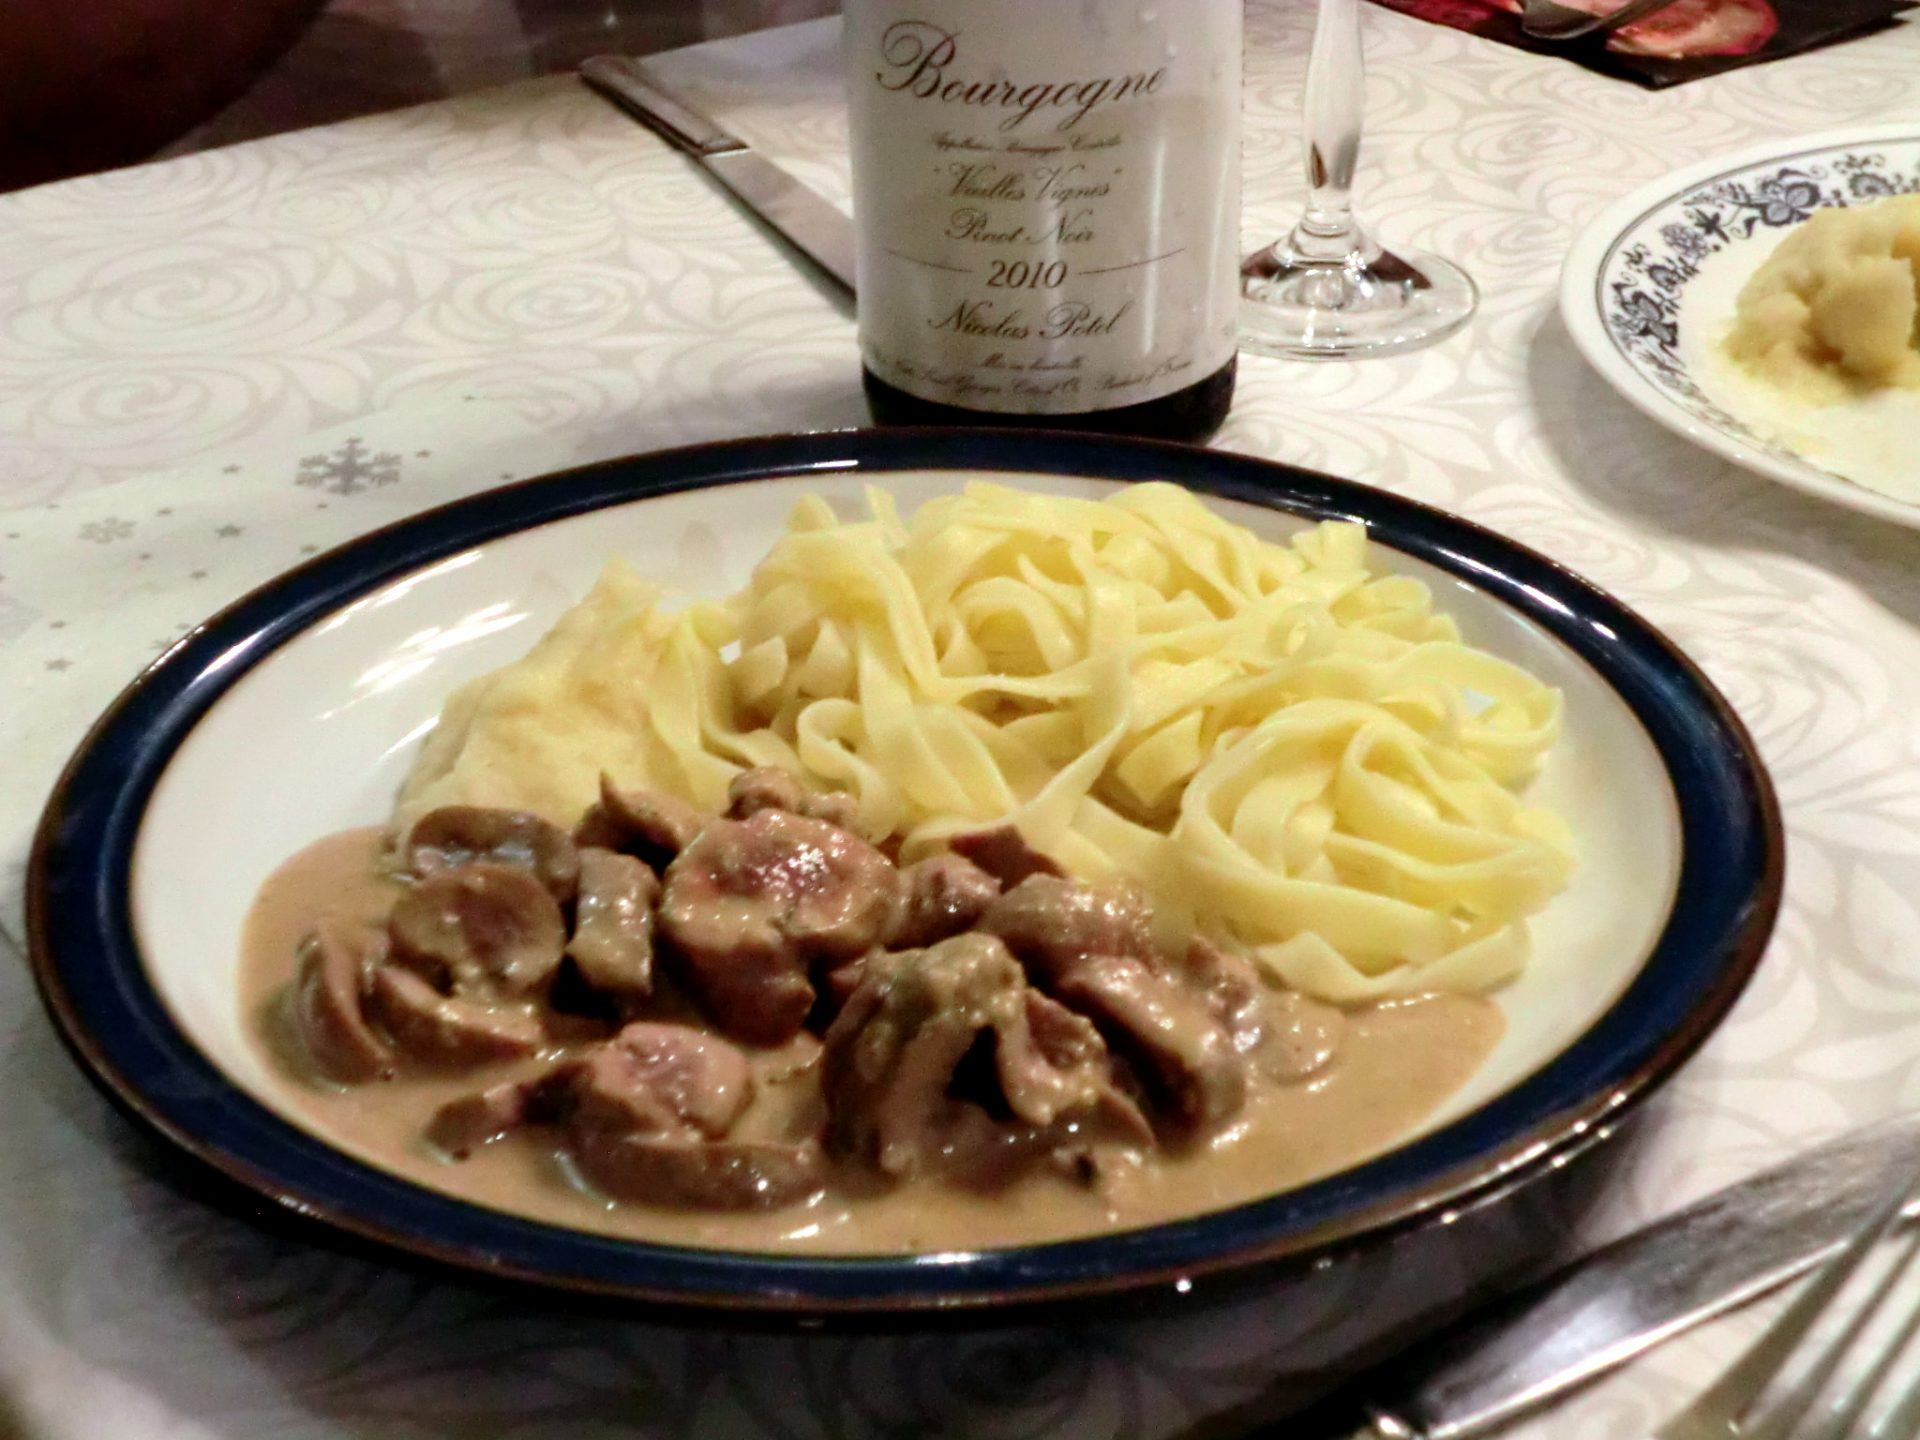 Rognons de veau sauce moutarde r gal d alain la cuisine - Cuisiner rognons de porc ...